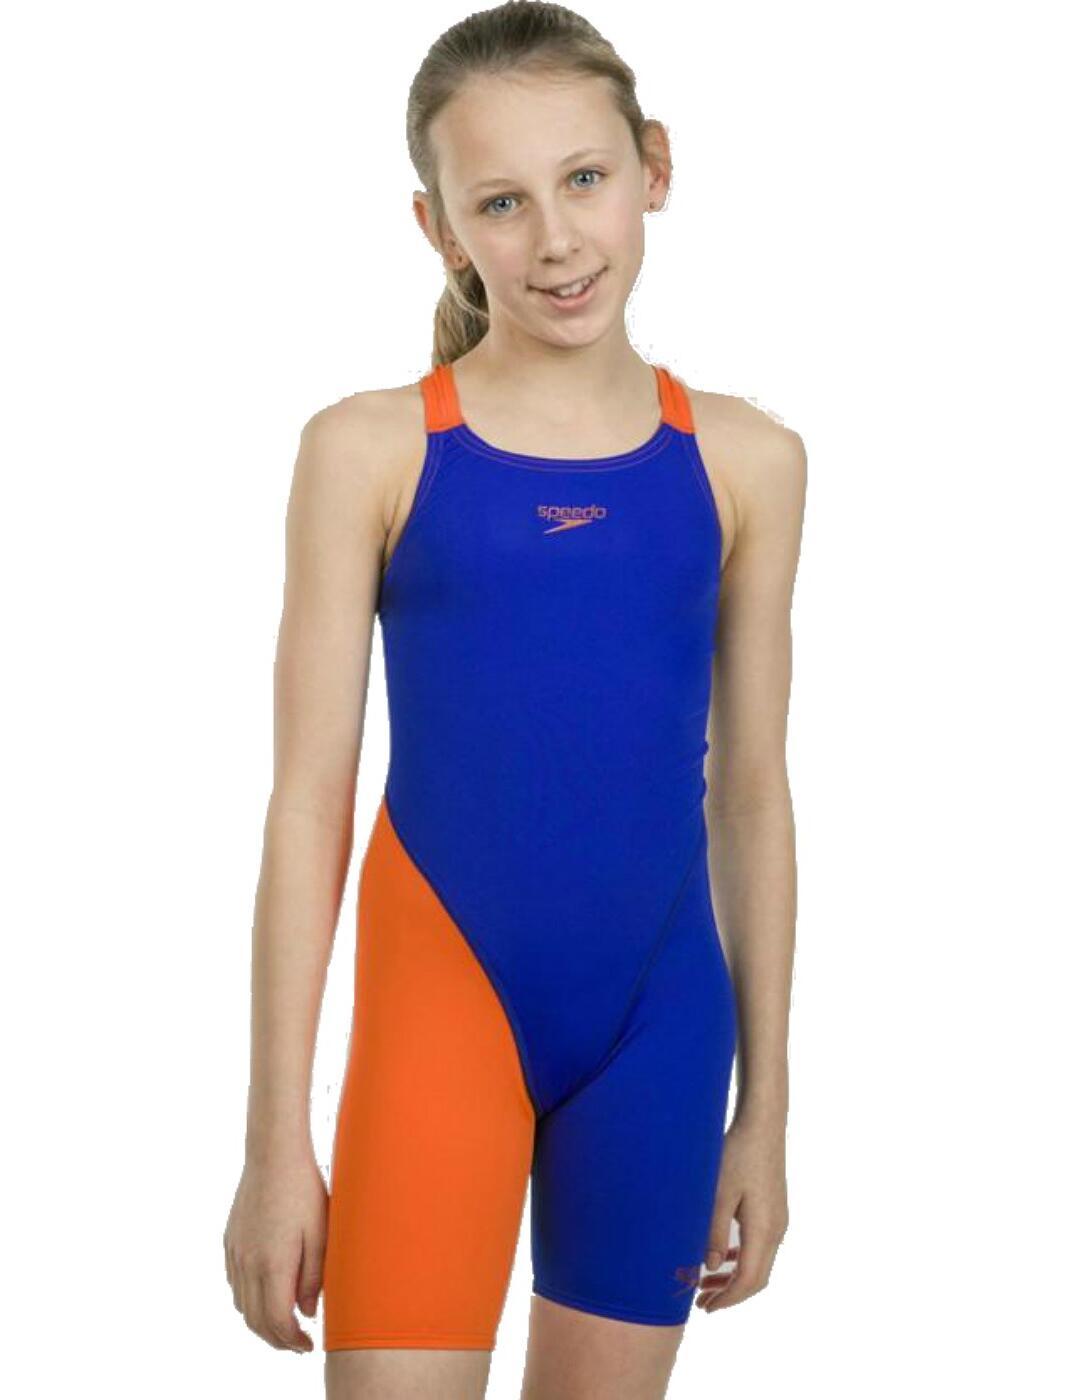 809732C612 Speedo Children's Fastskin Endurance+ Openback Kneeskin - 809732C612 Blue/Salso